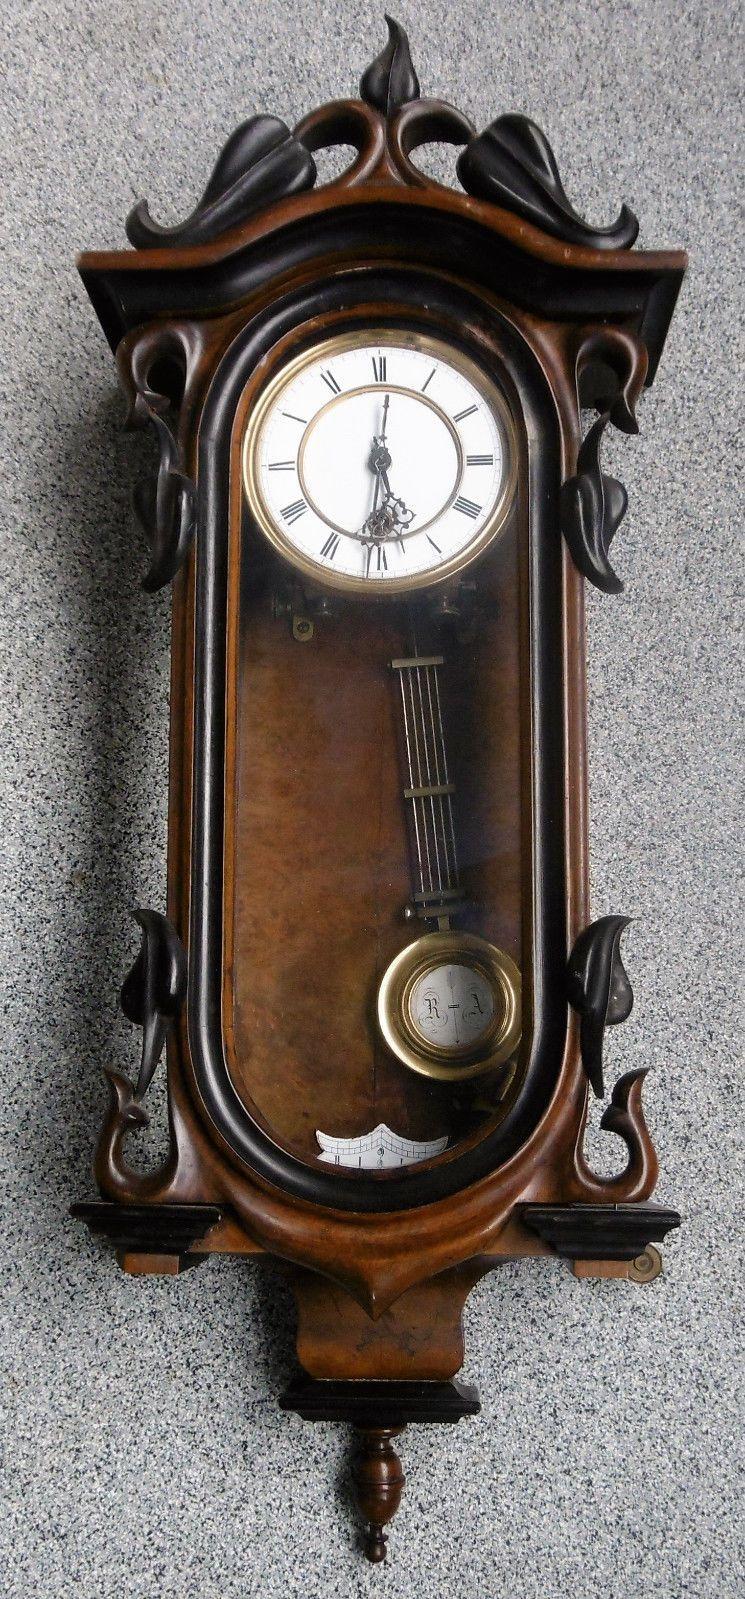 Alte Wanduhr Regulator Jugendstil Wiener Ebay Alte Wanduhren Jugendstil Ungewöhnliche Uhren